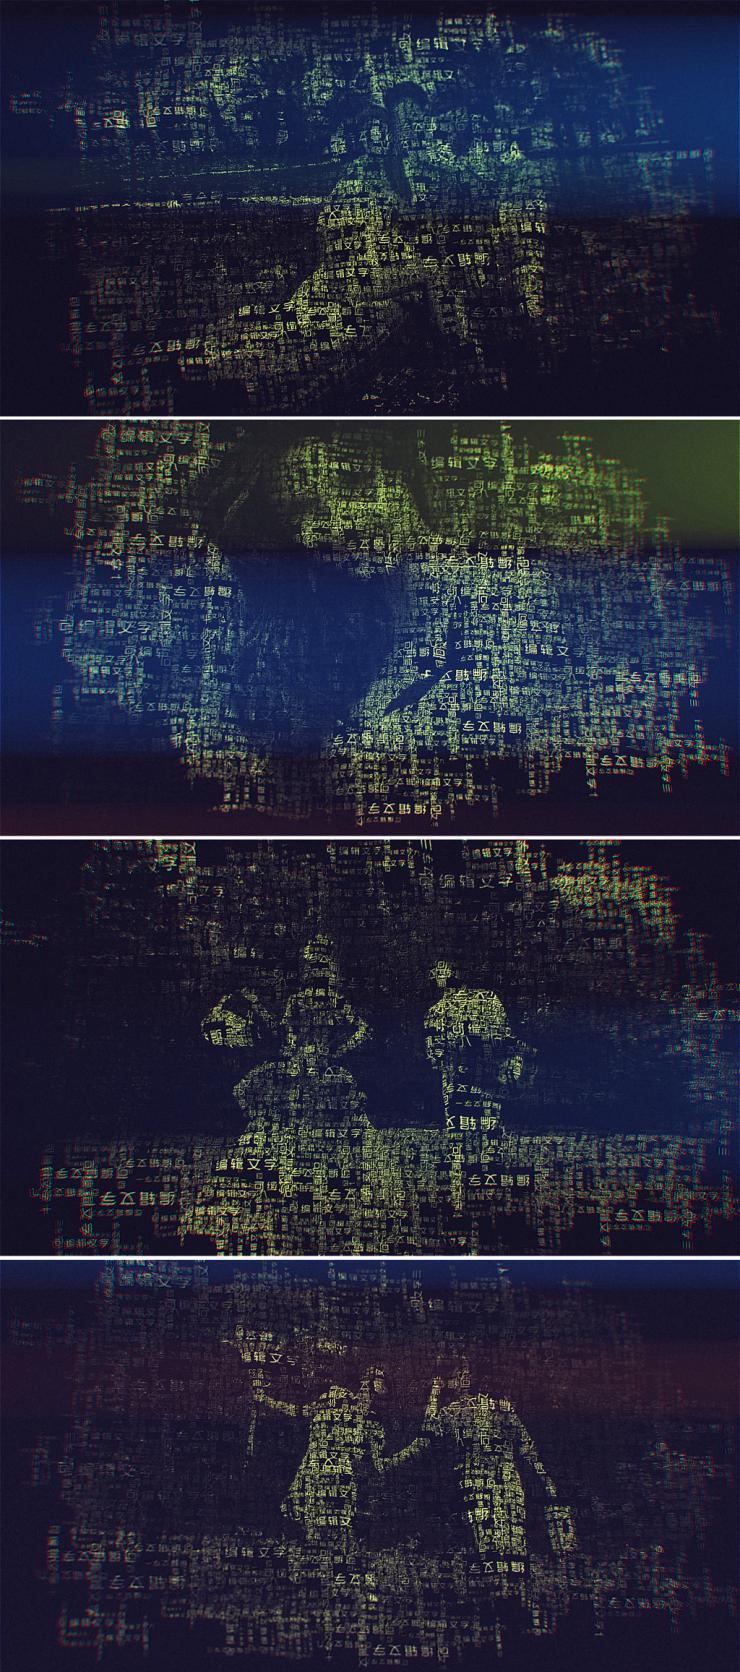 字母组成图片人脸ae模板